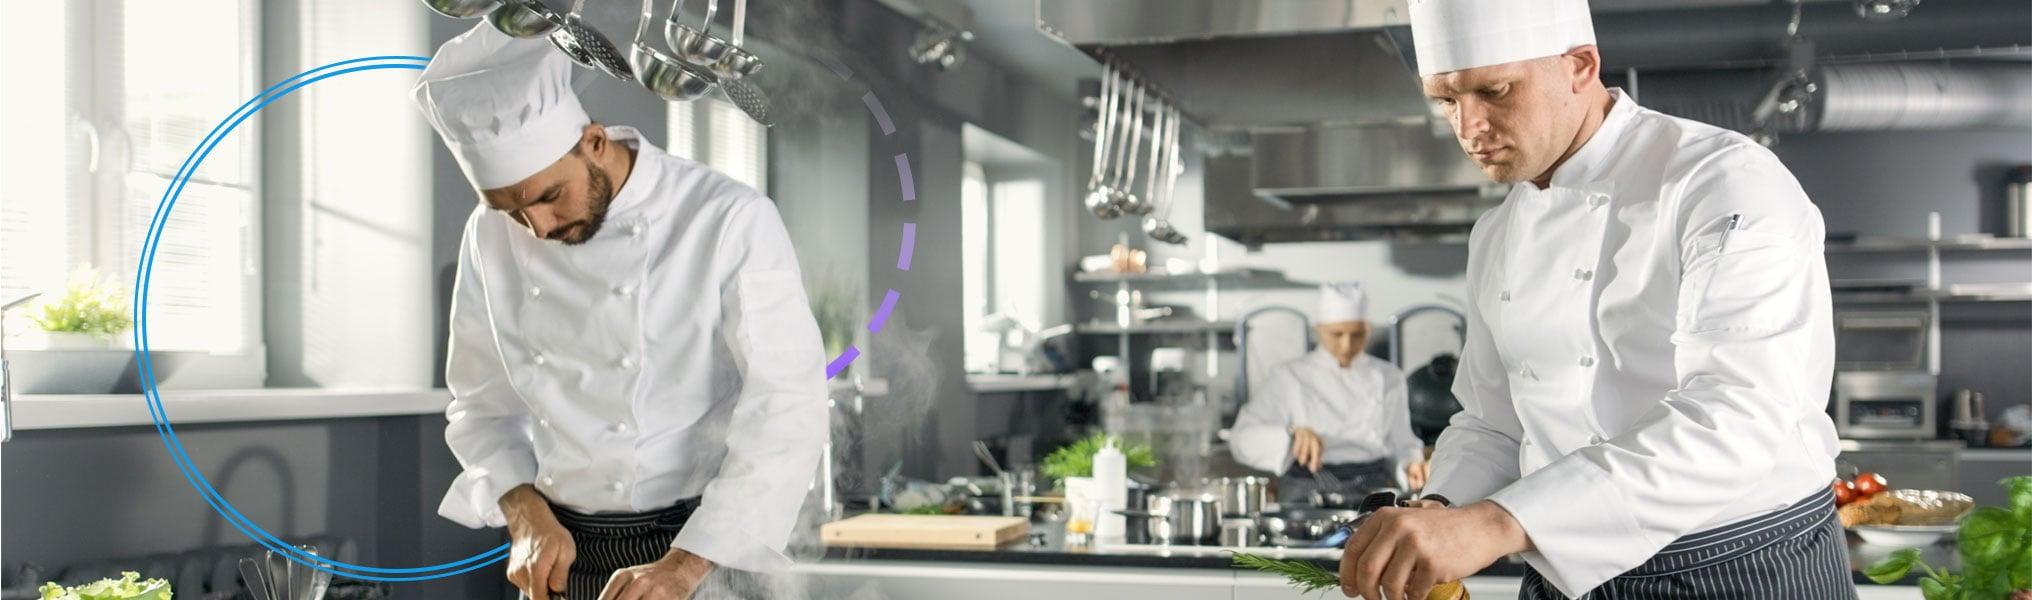 Three cooks working in restaurant kitchen